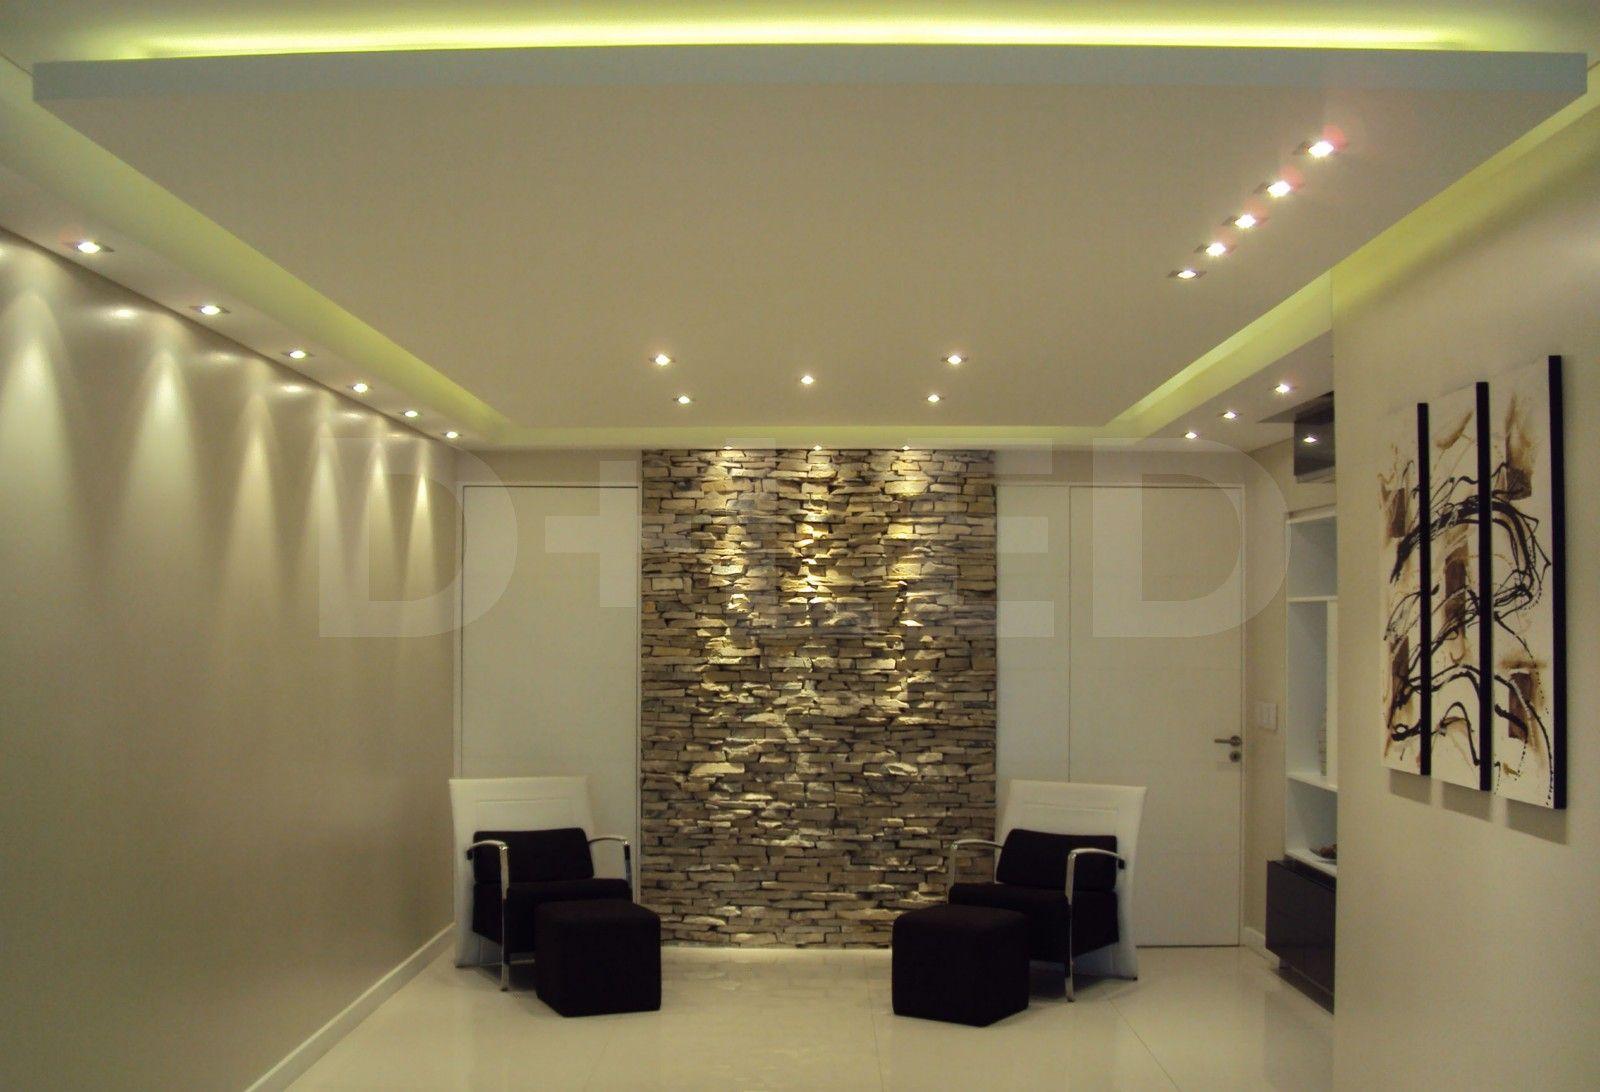 Aplicaciones de leds en demasled ilumina tus ideas for Las mejores aplicaciones de diseno de interiores